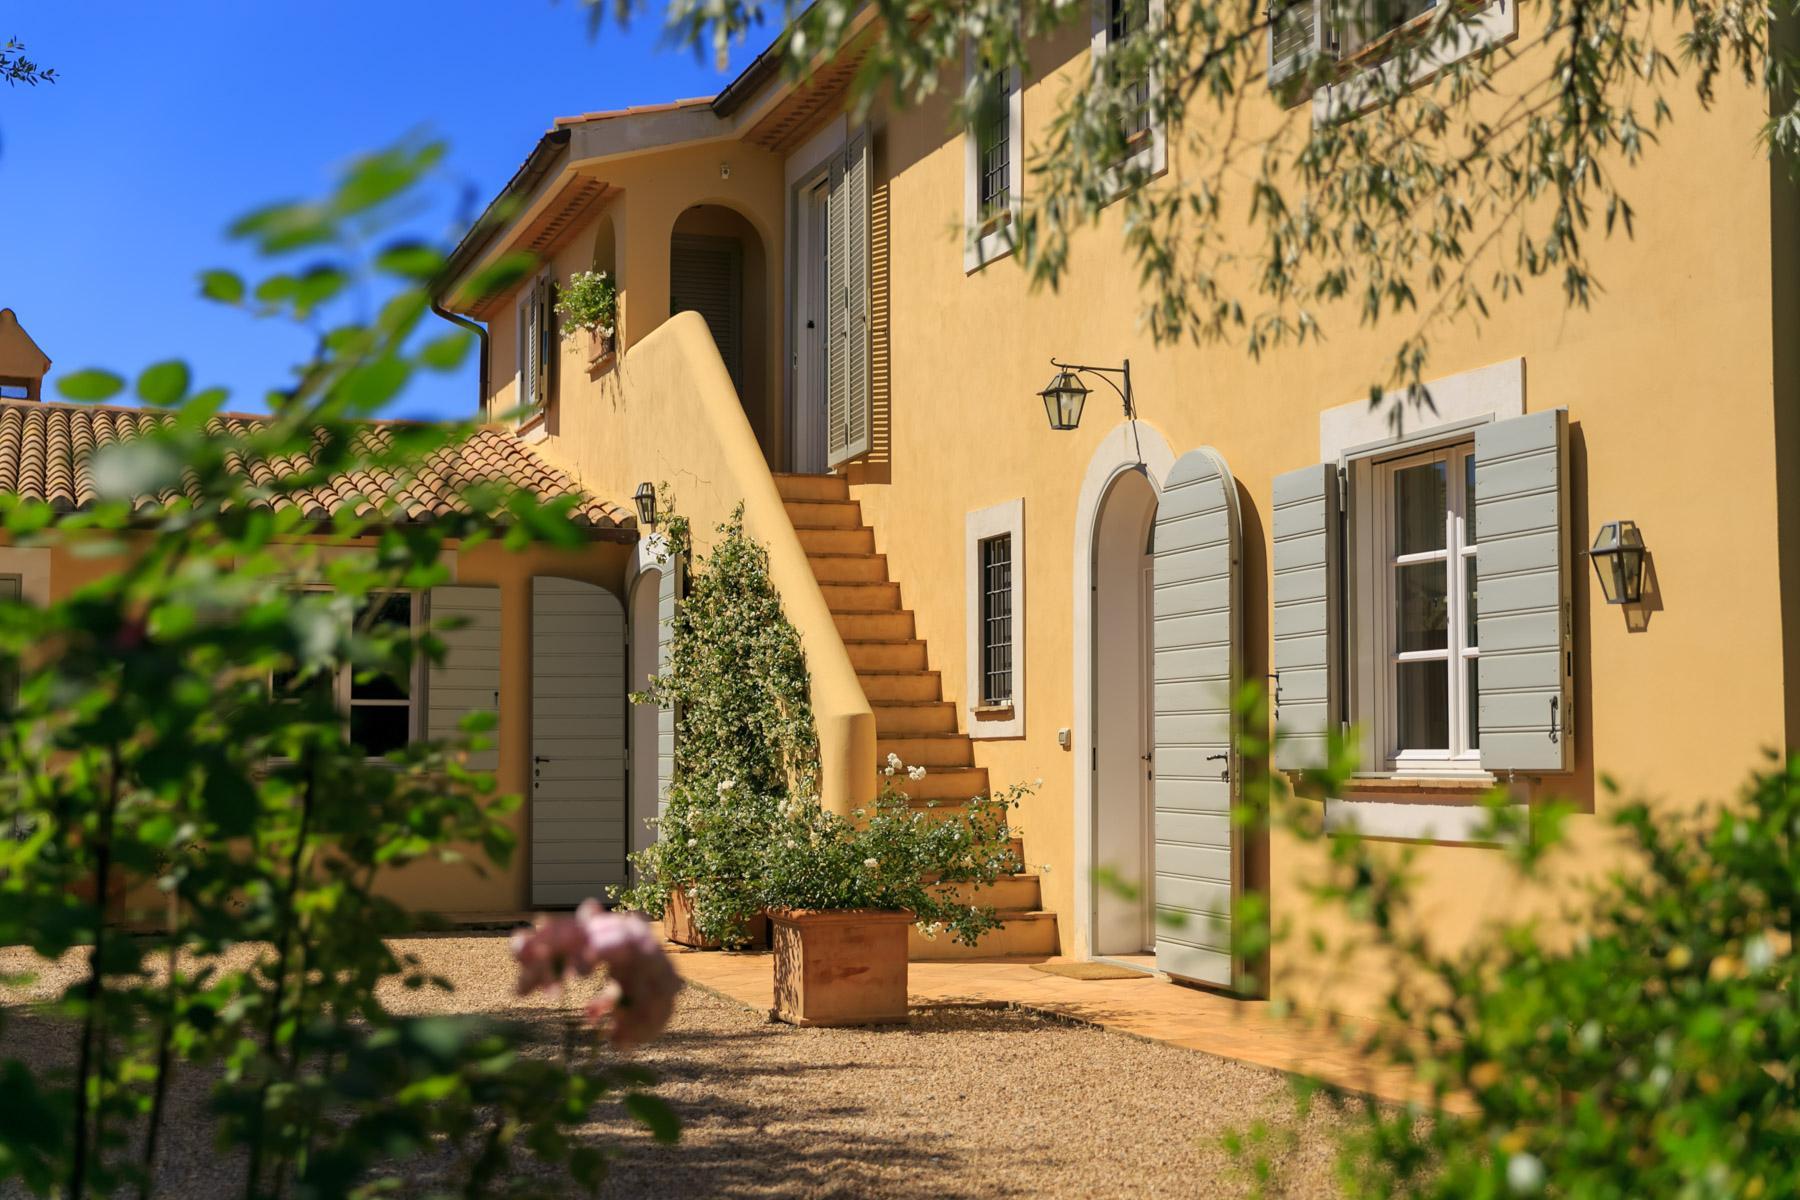 Wunderschöne Villa mit Bauernhof in Maremma - 4